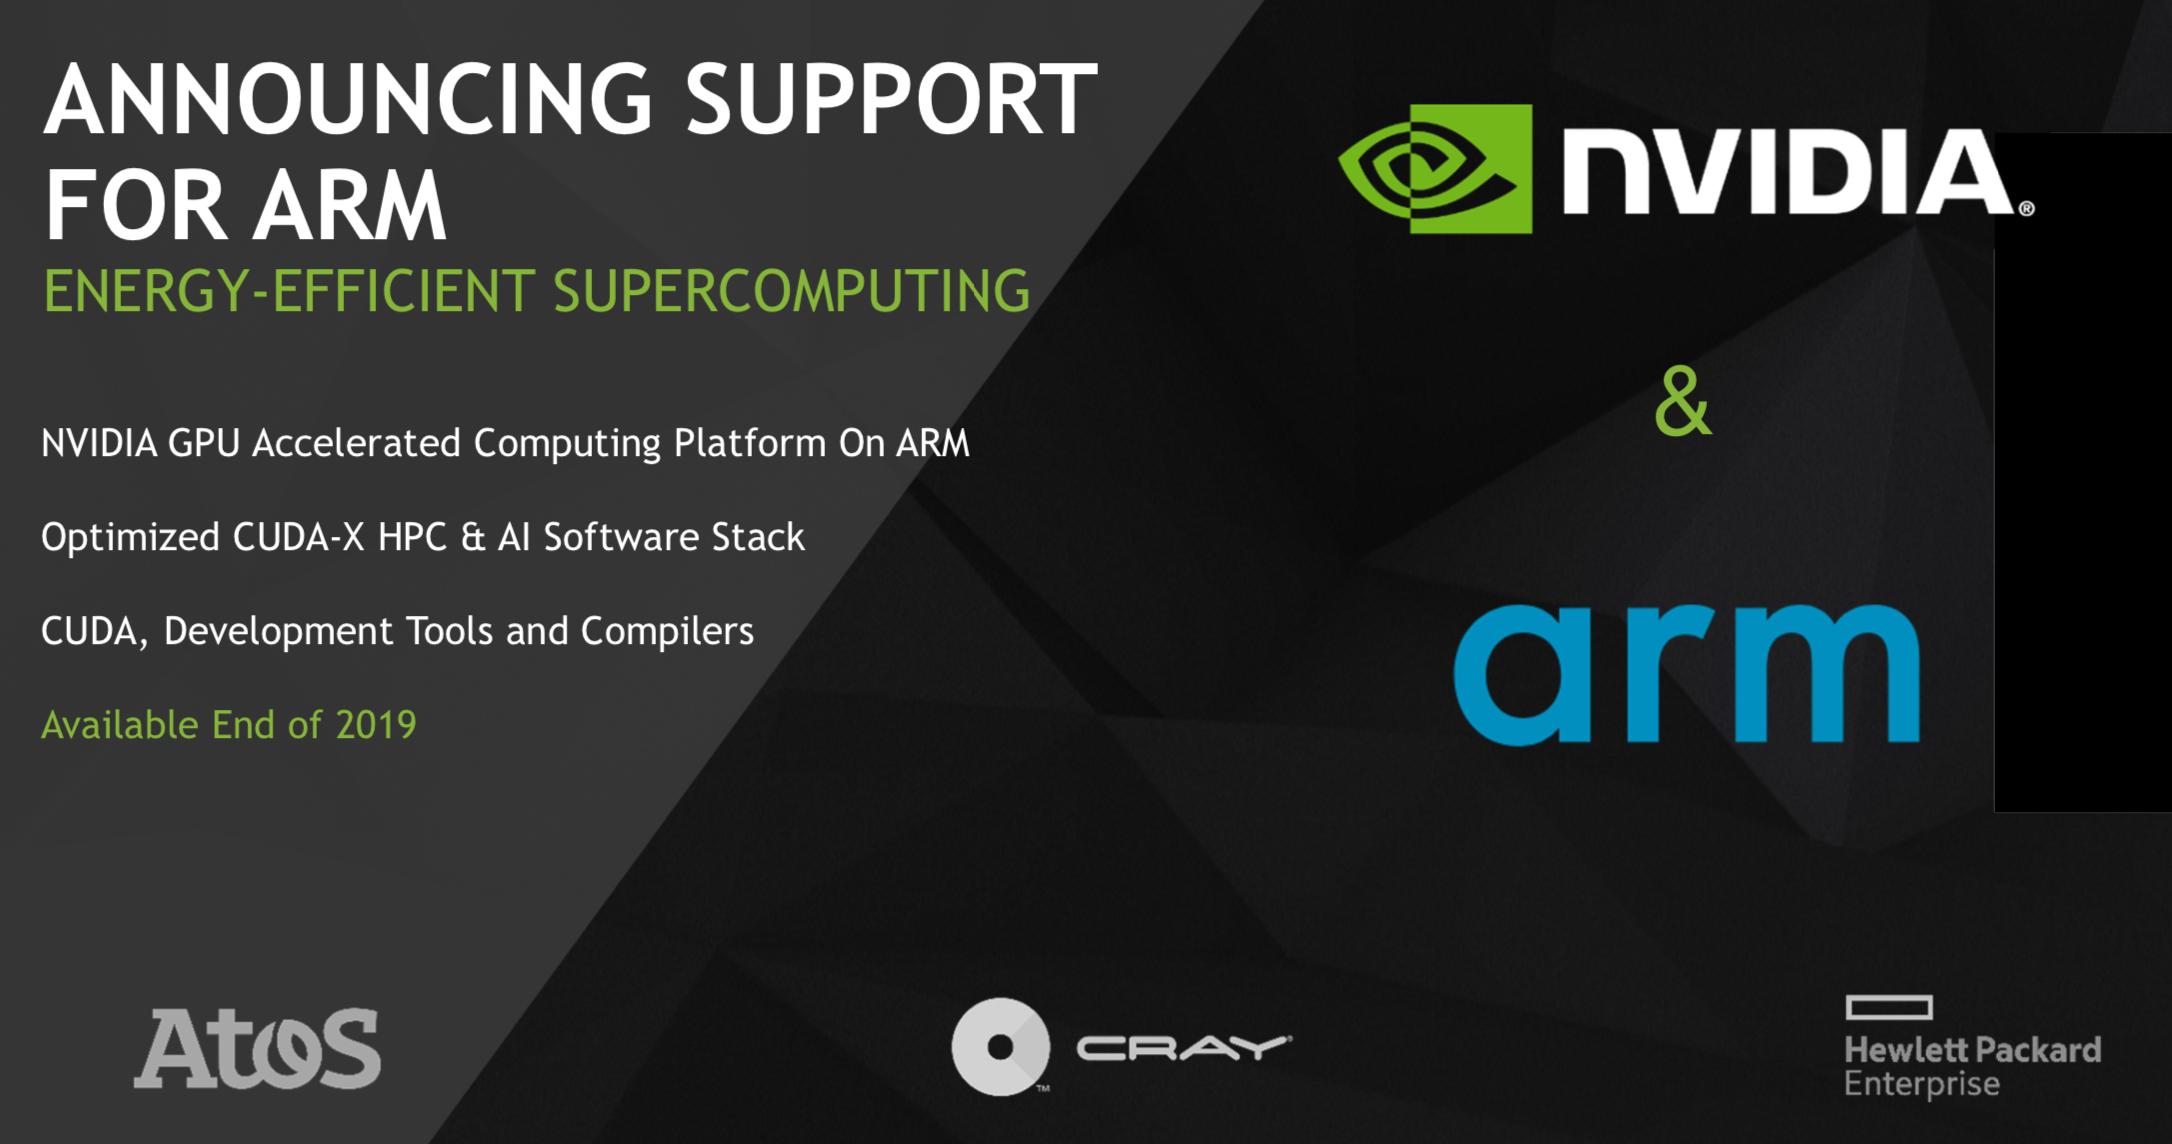 独家解读NVIDIA CUDA支持Arm——百万兆级超算竞争再加剧?